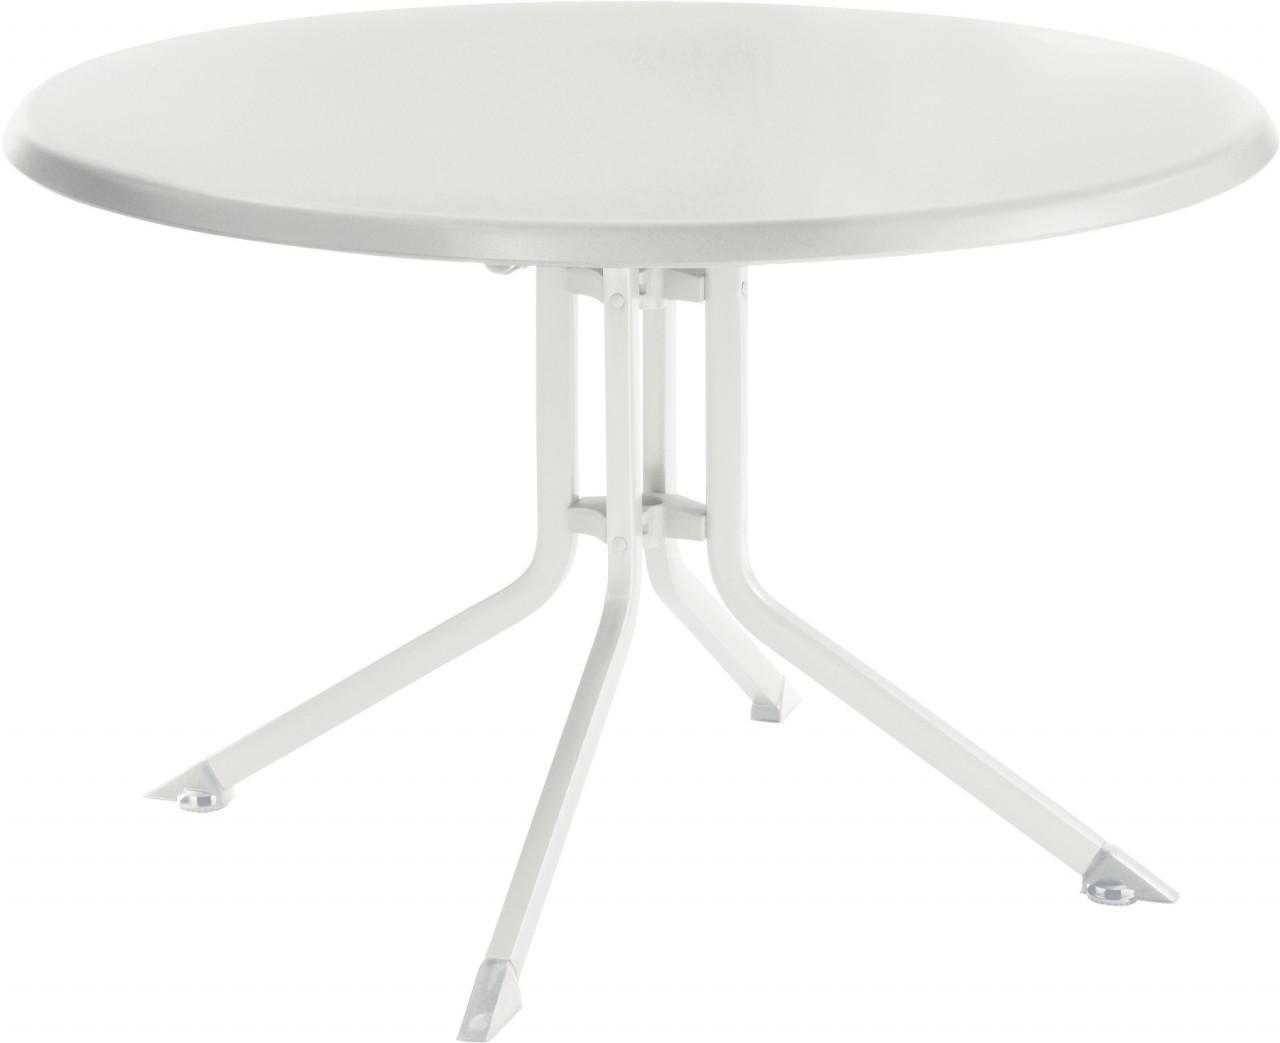 KETTALUX Klapptisch Ø 115 cm weiß/weiß